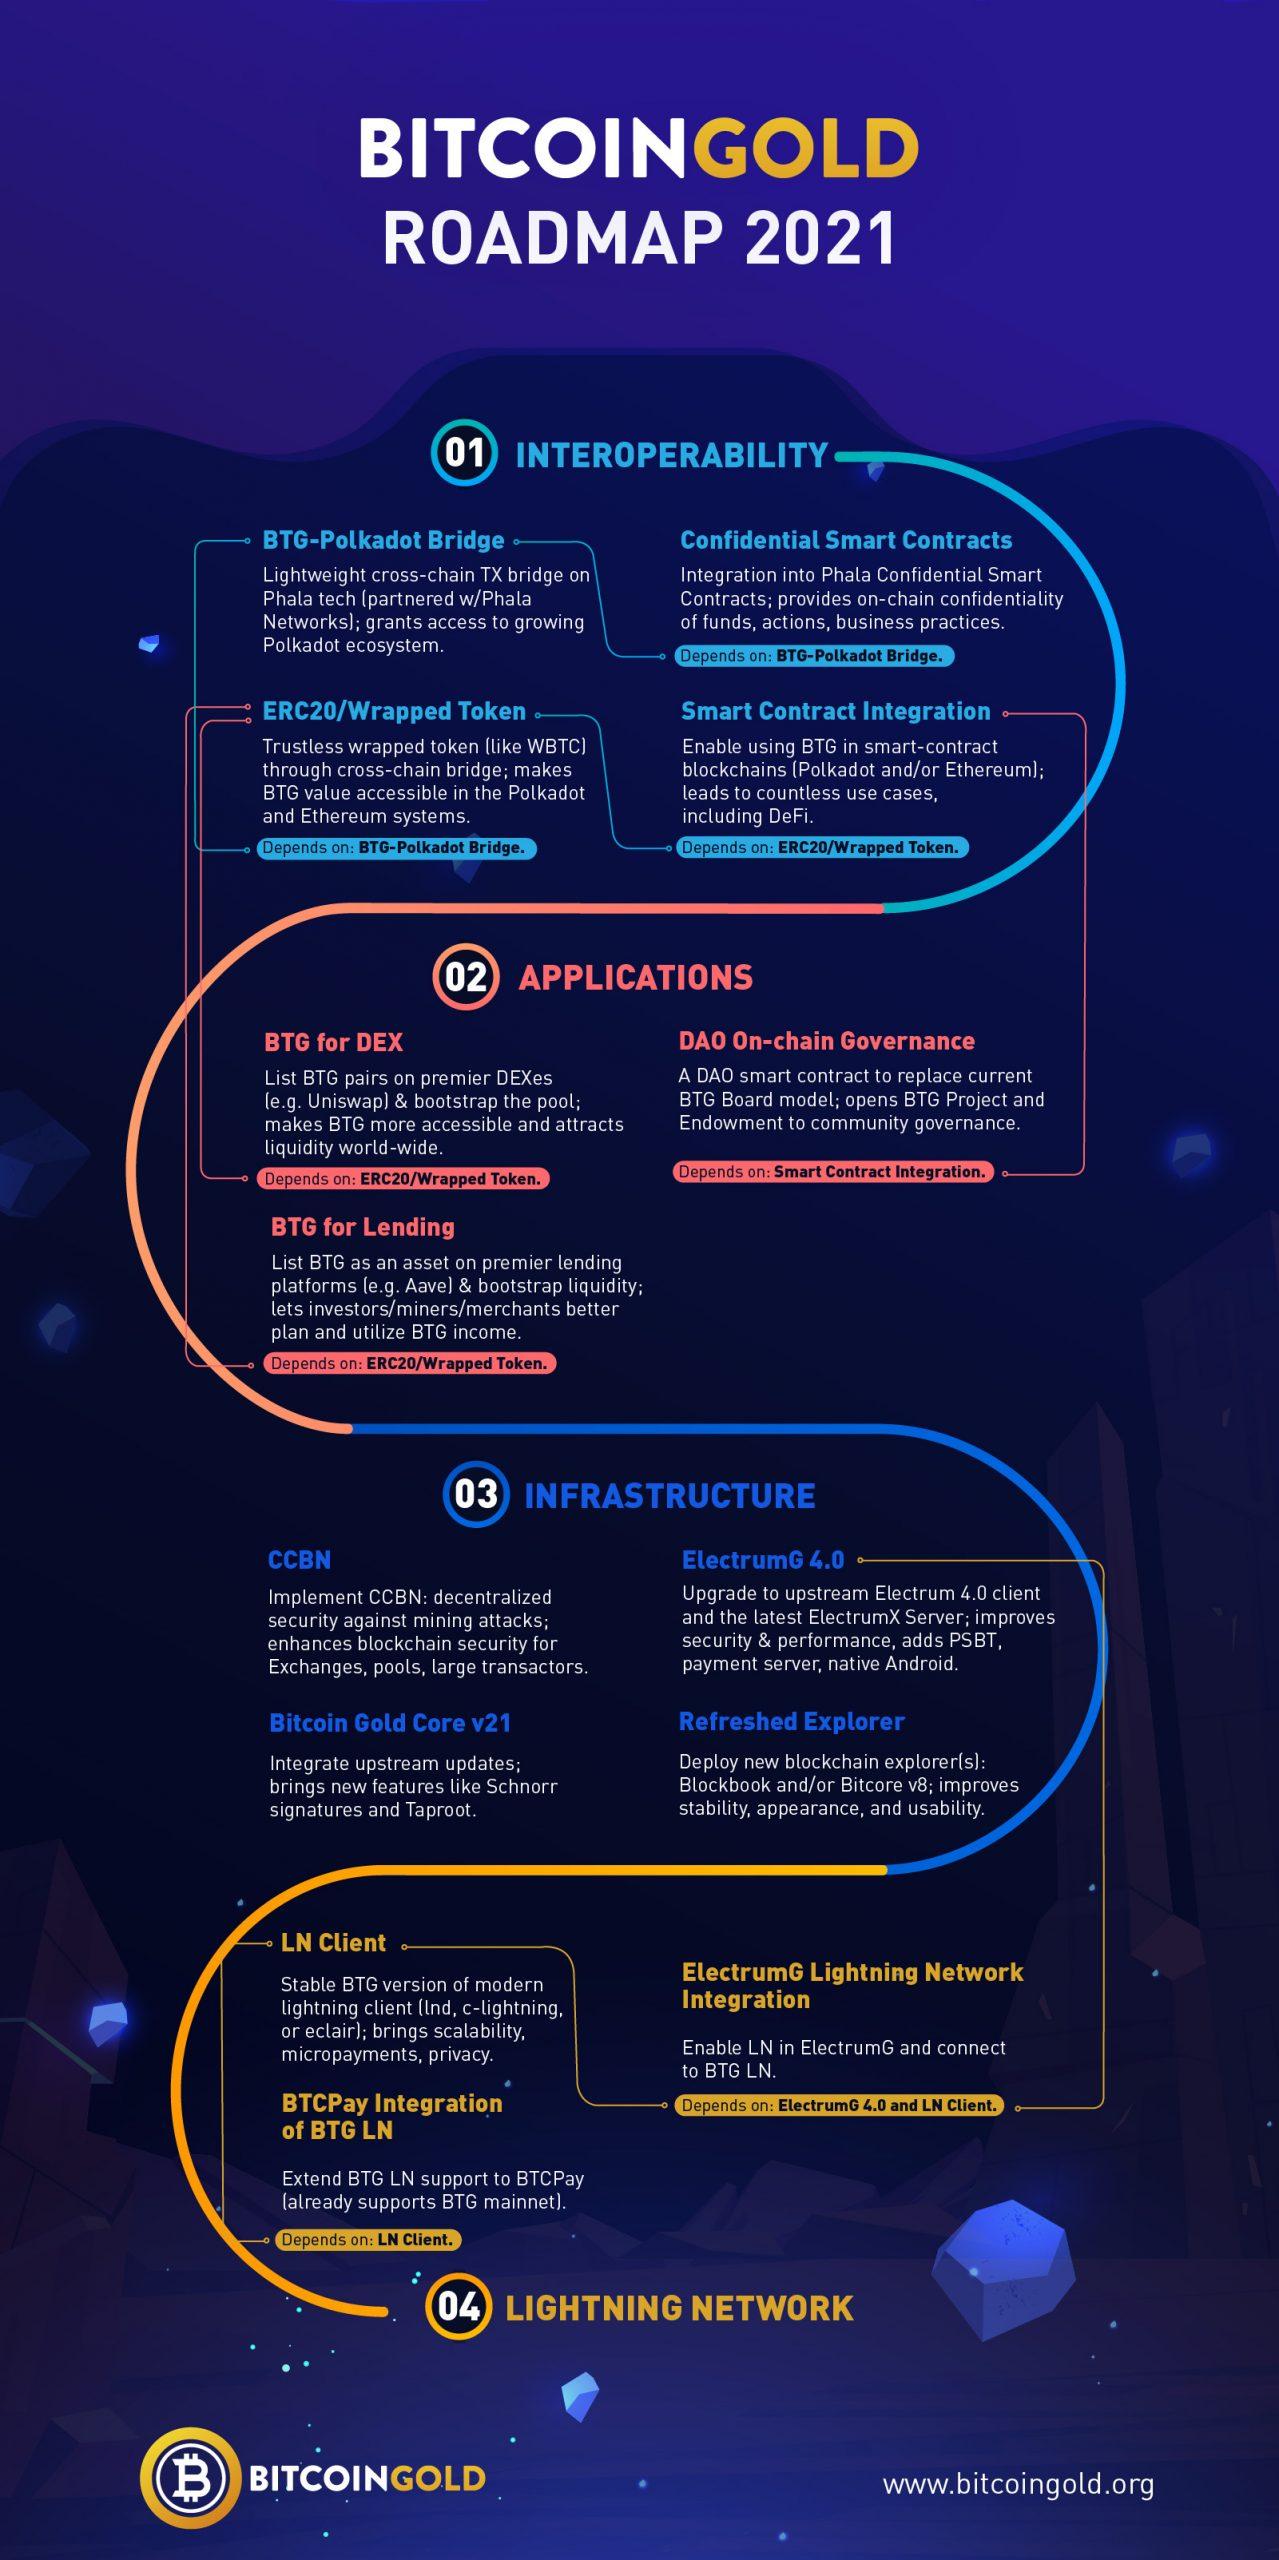 Bitcoin Gold Roadmap 2021